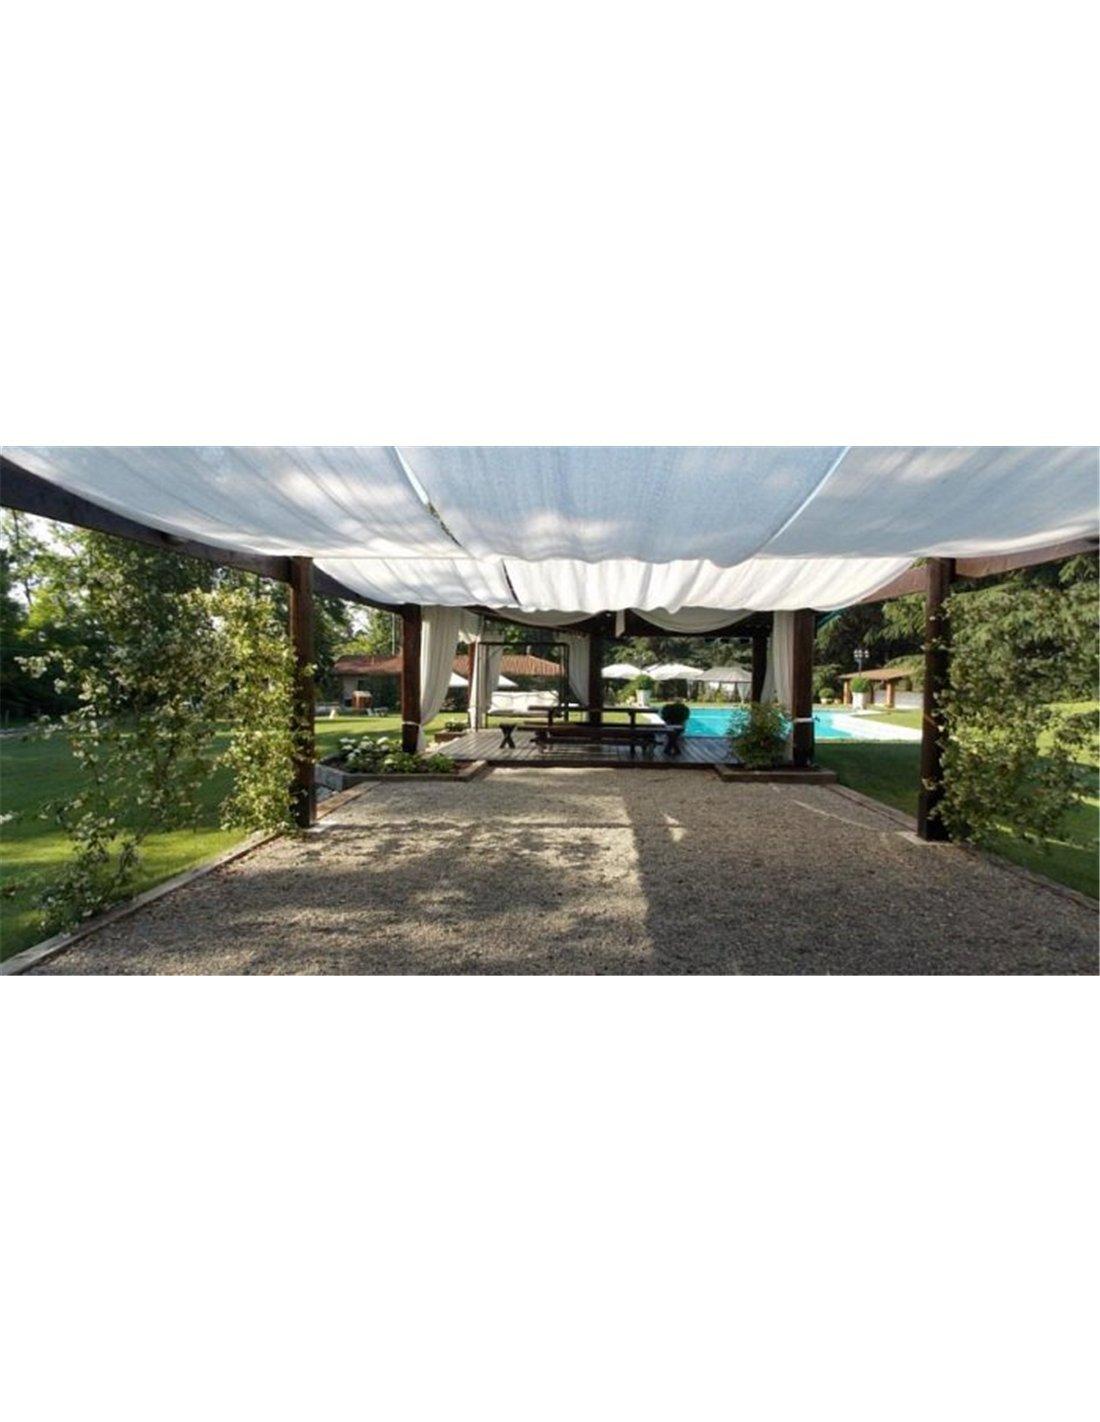 Jardin202 2 m. de Ancho - Malla de sombreo Blanca - Rollo 100m ...